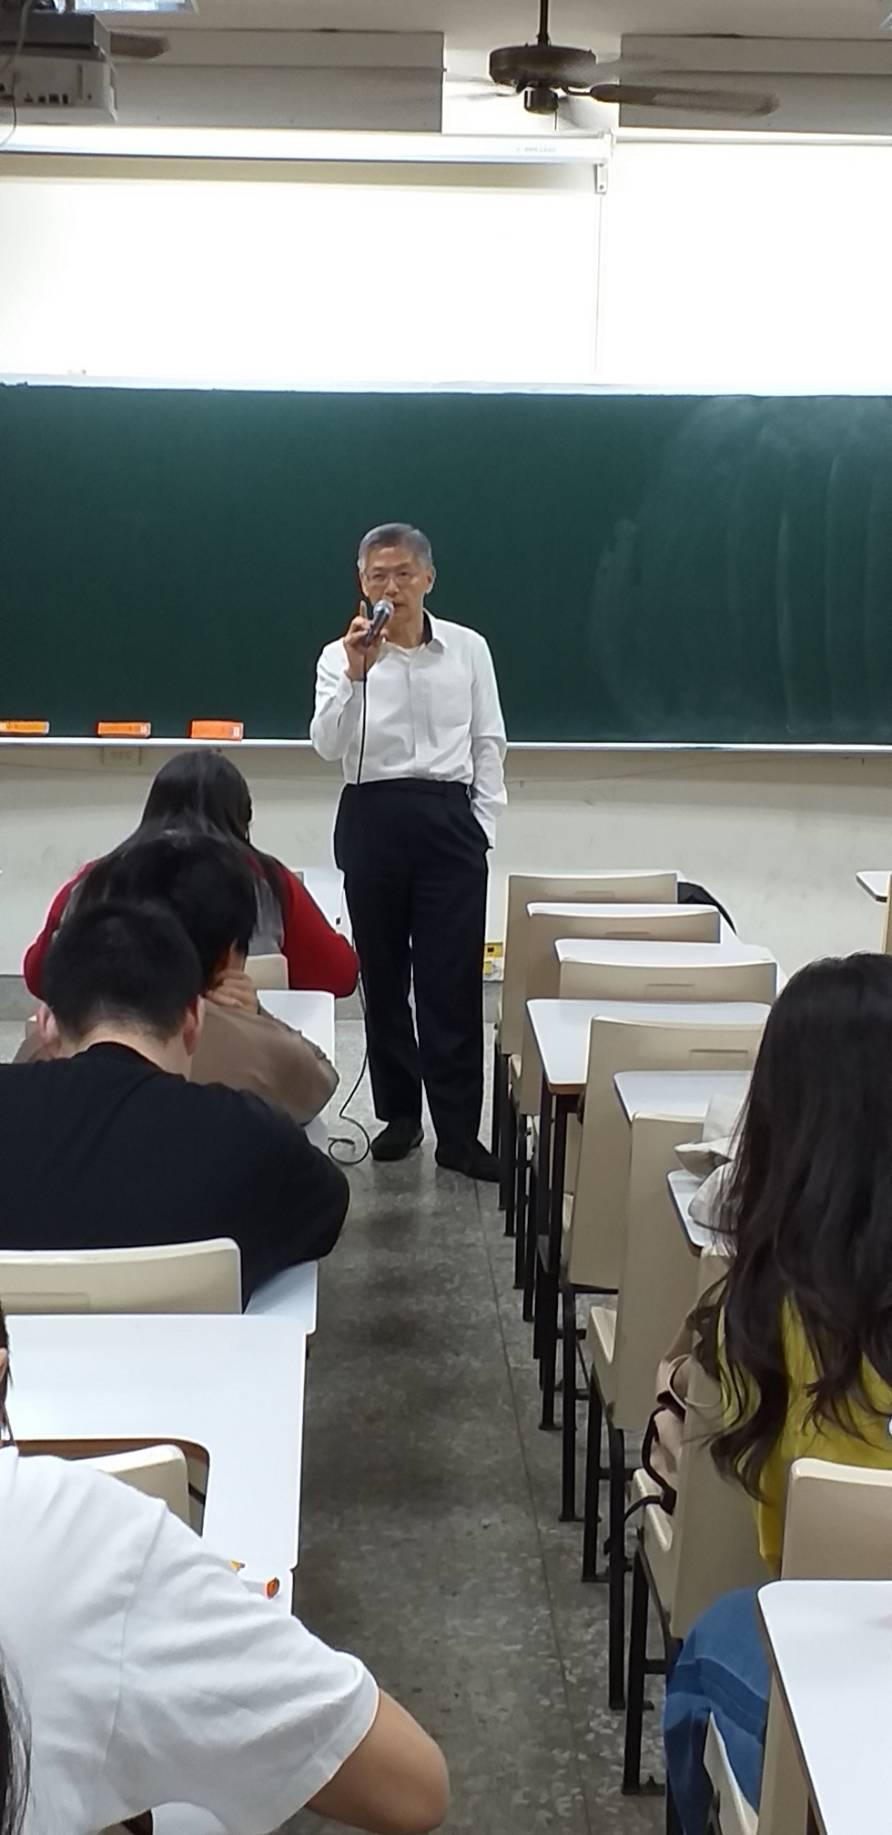 10月21日邀請大台灣旅遊網董事長蔡孟哲蒞校演講-成功推銷自己的面試技巧